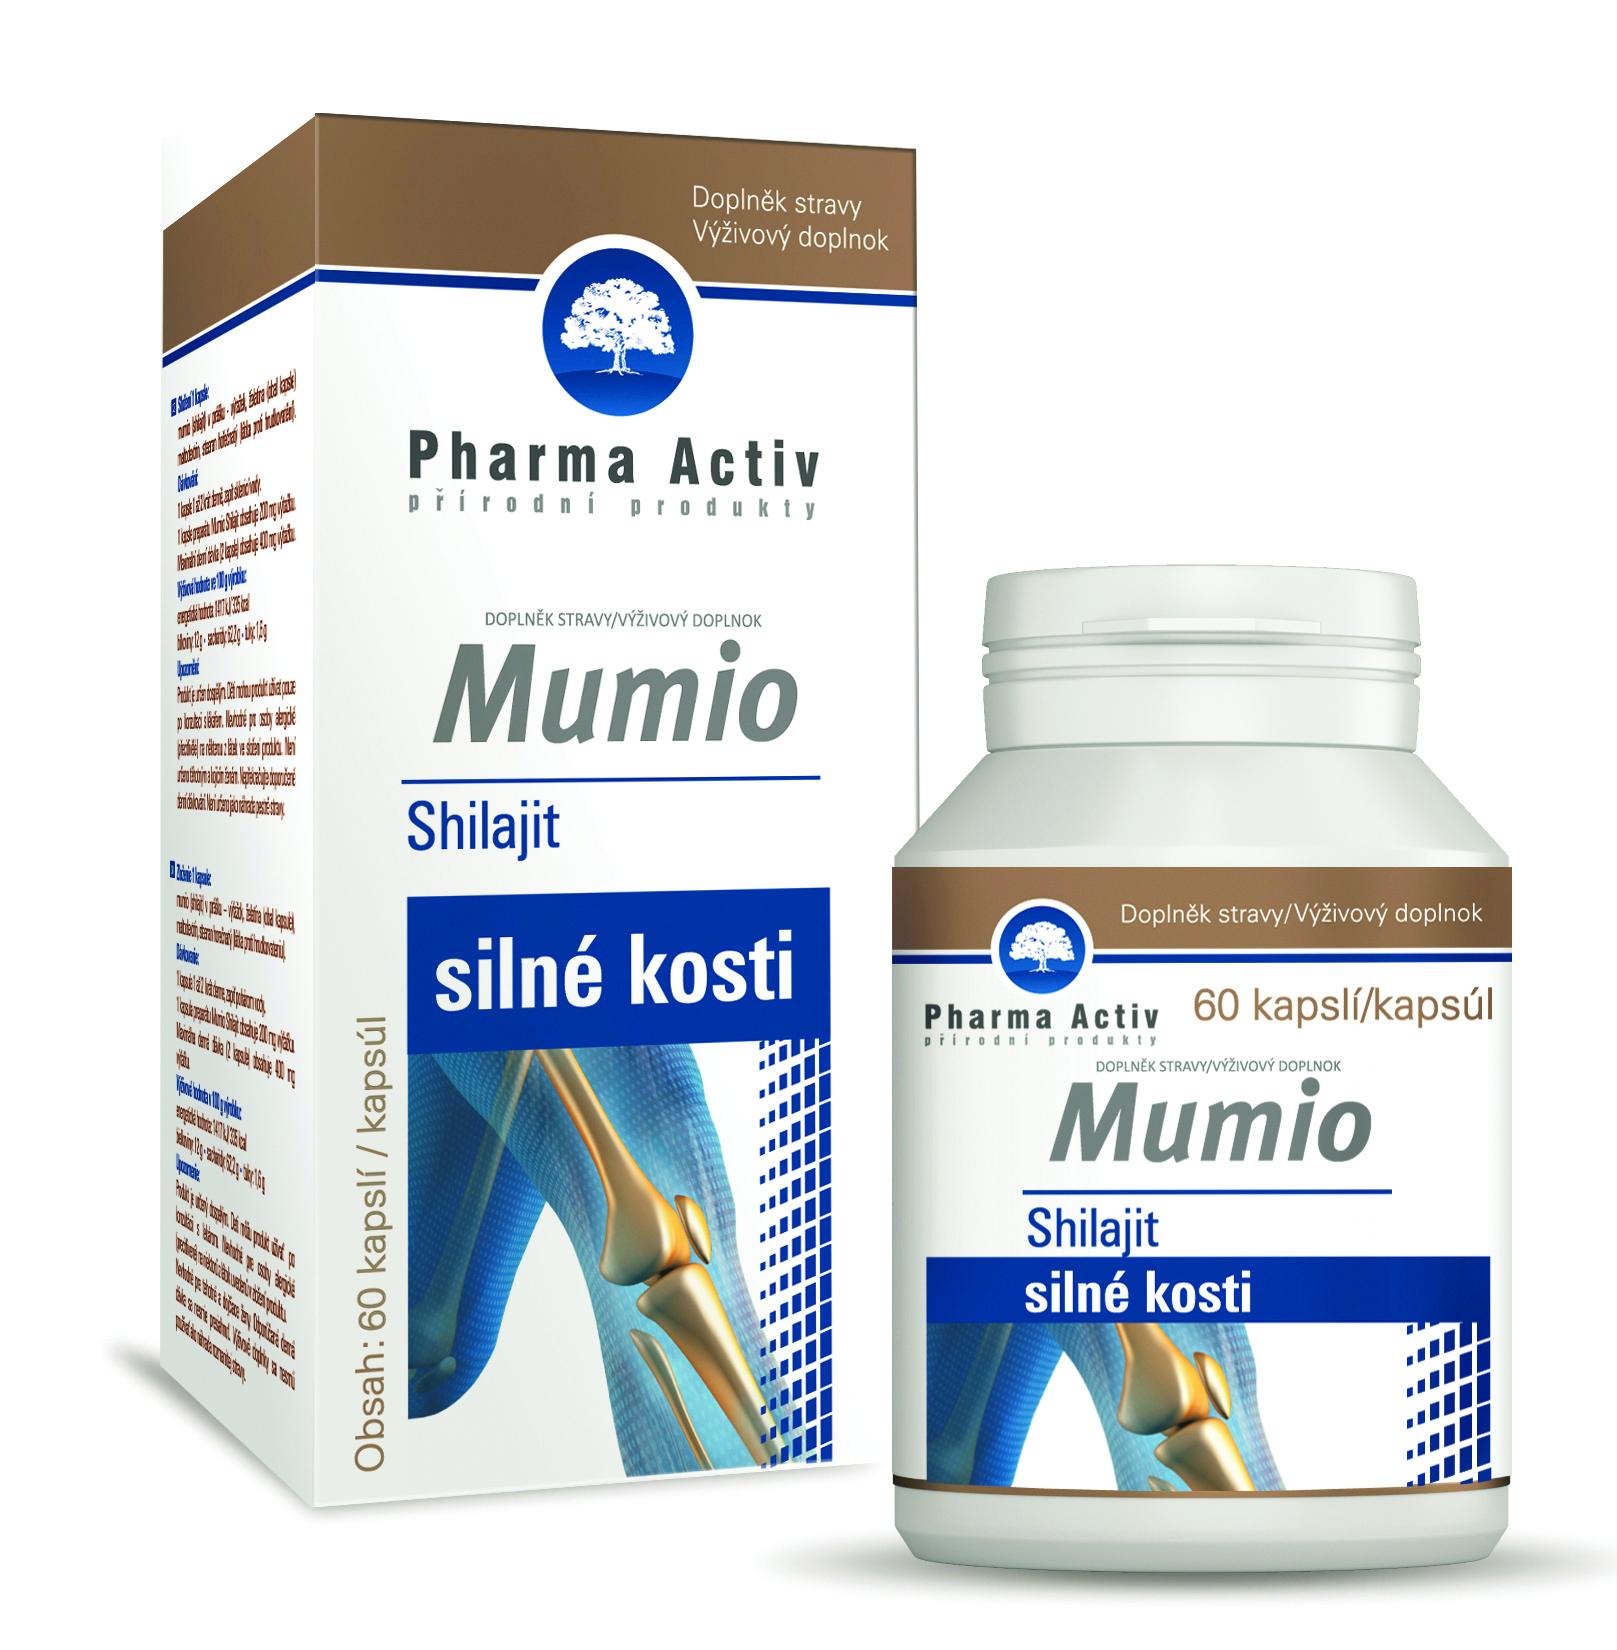 Pharma Activ Mumio, 60 cps.